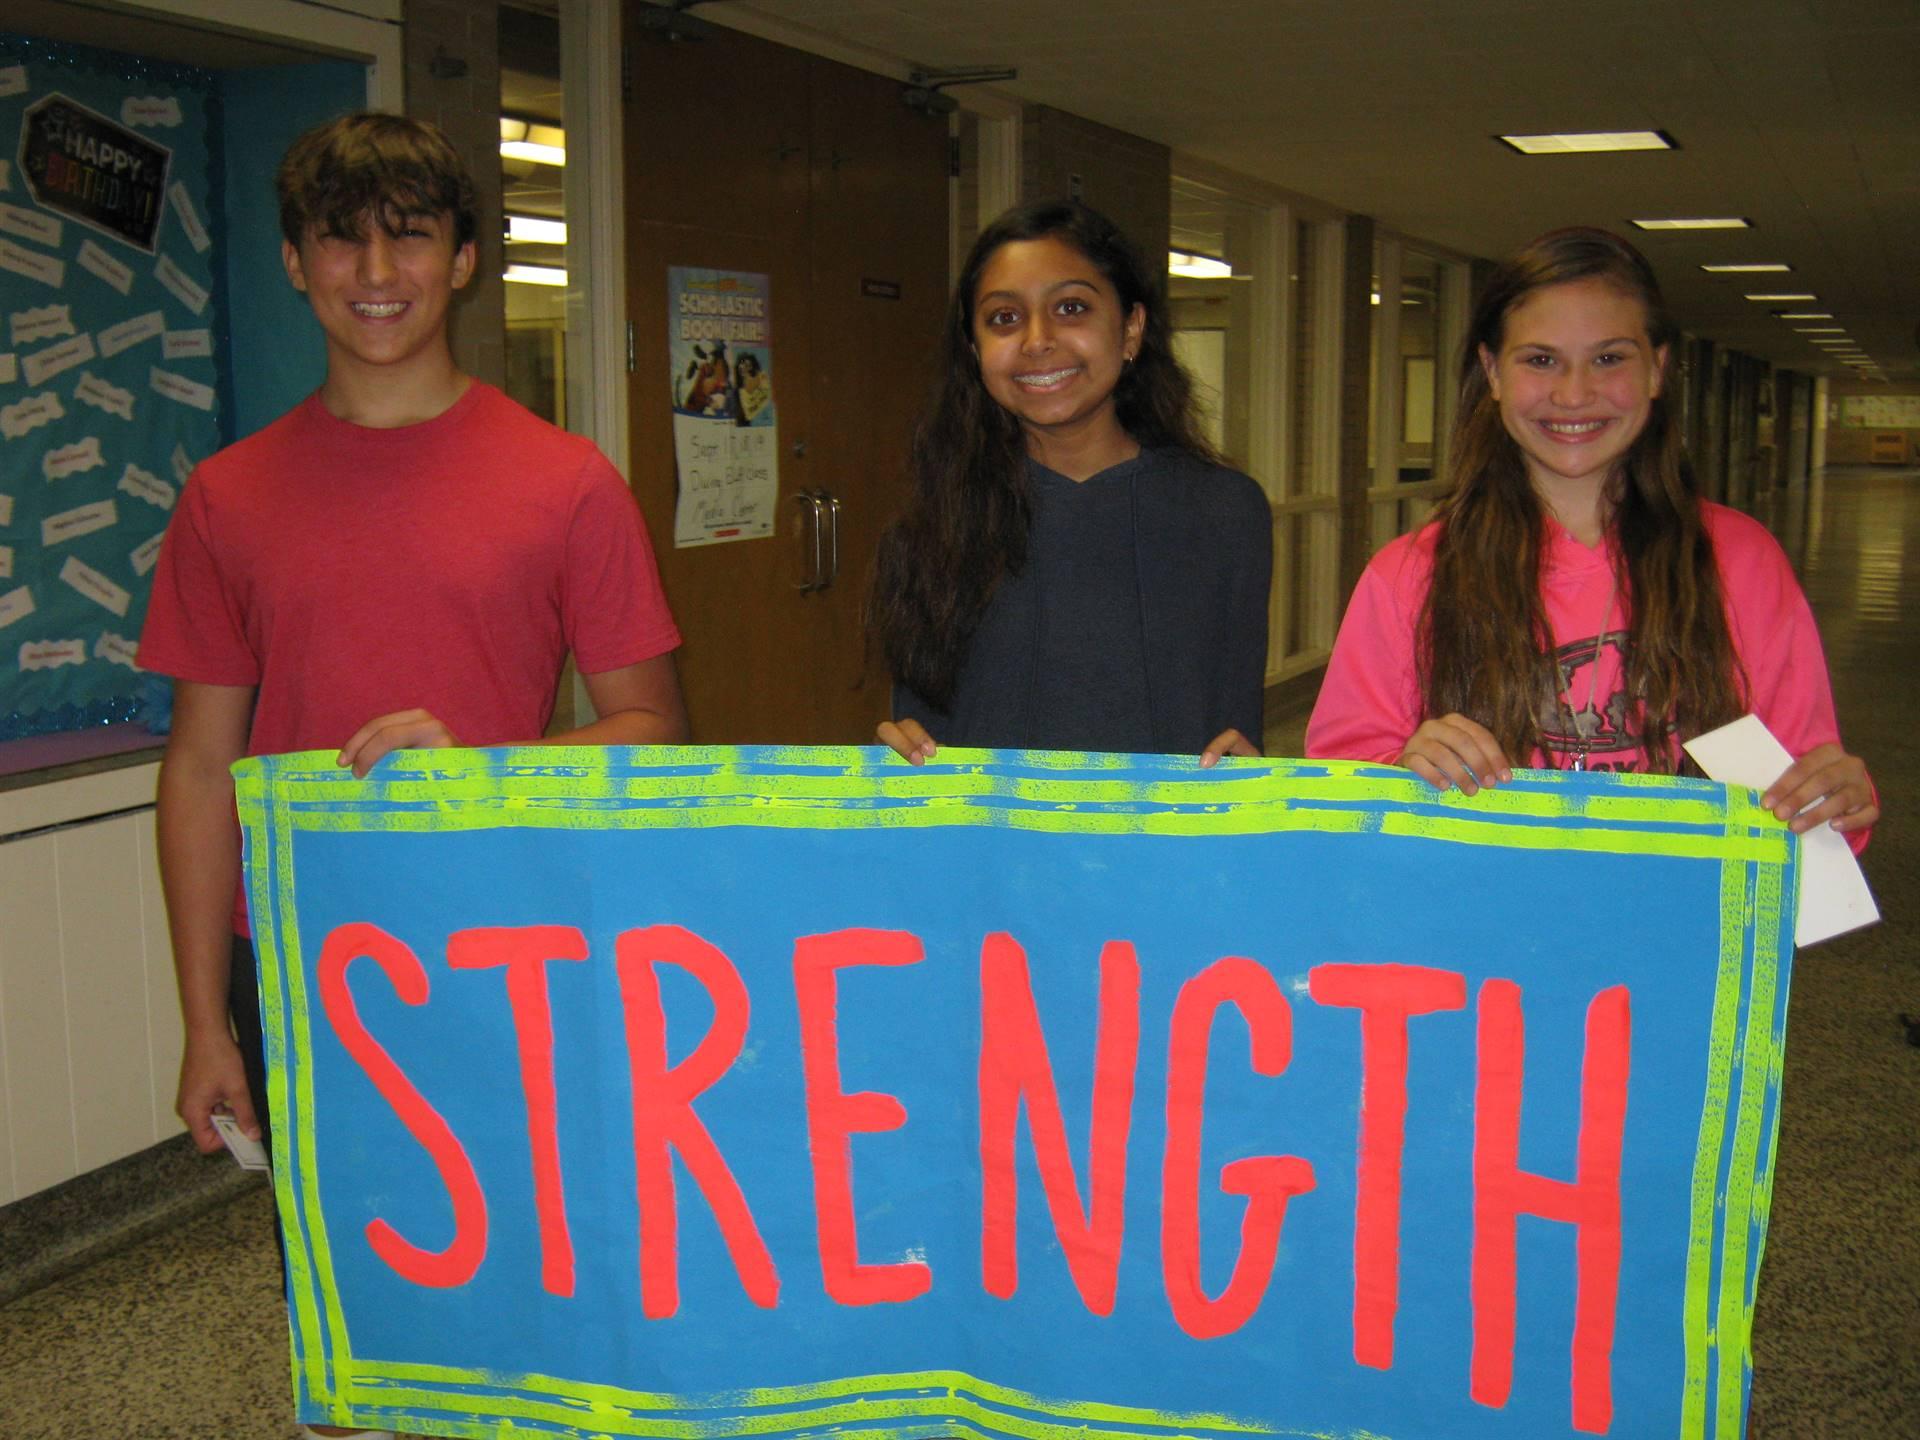 Strength banner 4